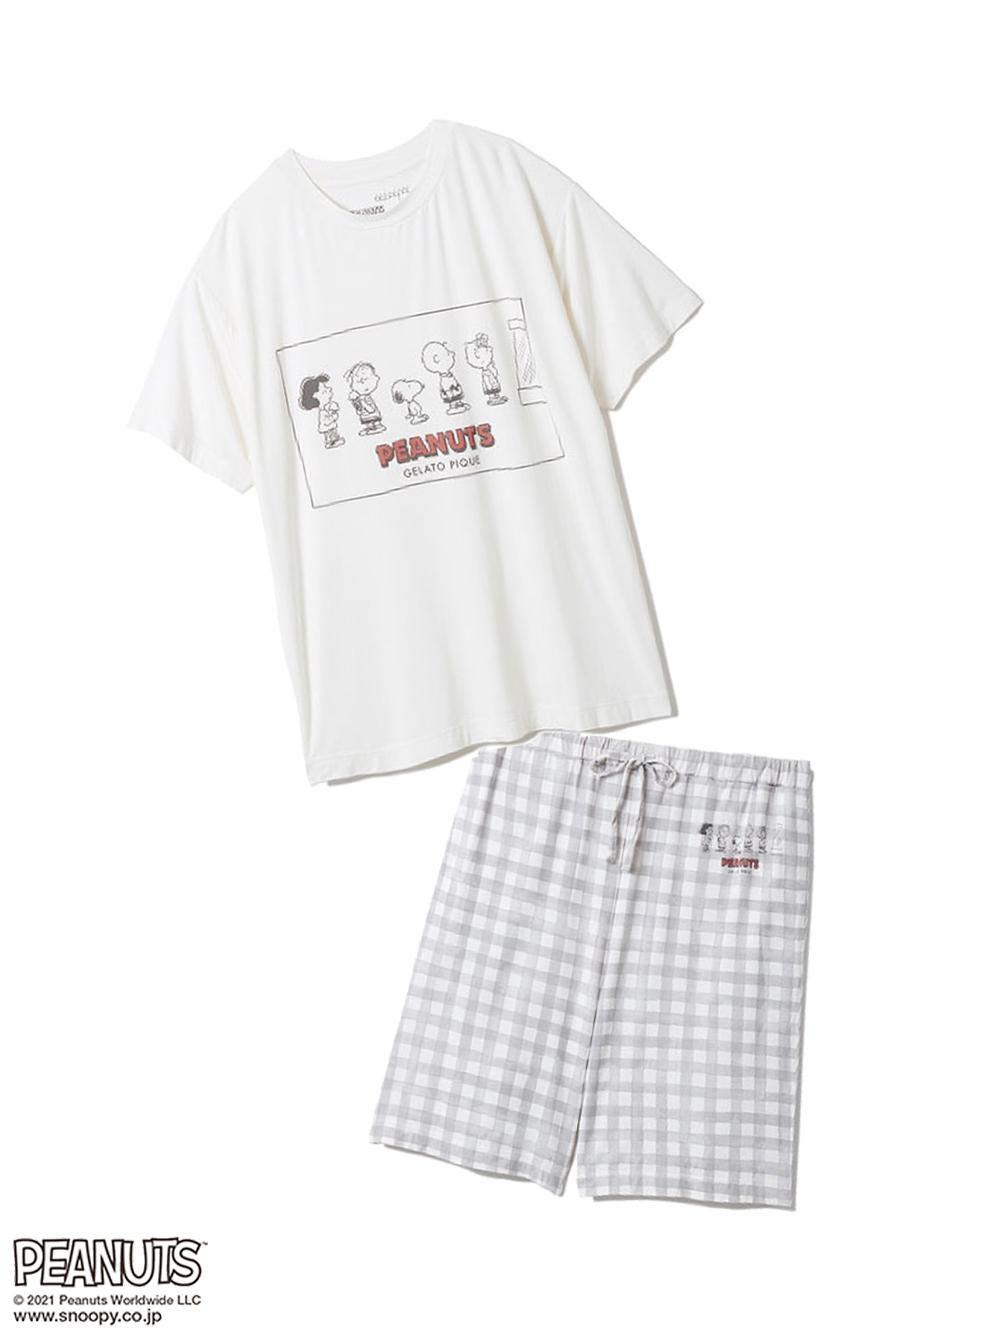 【ラッピング】【HOMME】【SNOOPY】ワンポイントTシャツ&ハーフパンツSET(OWHT-M)